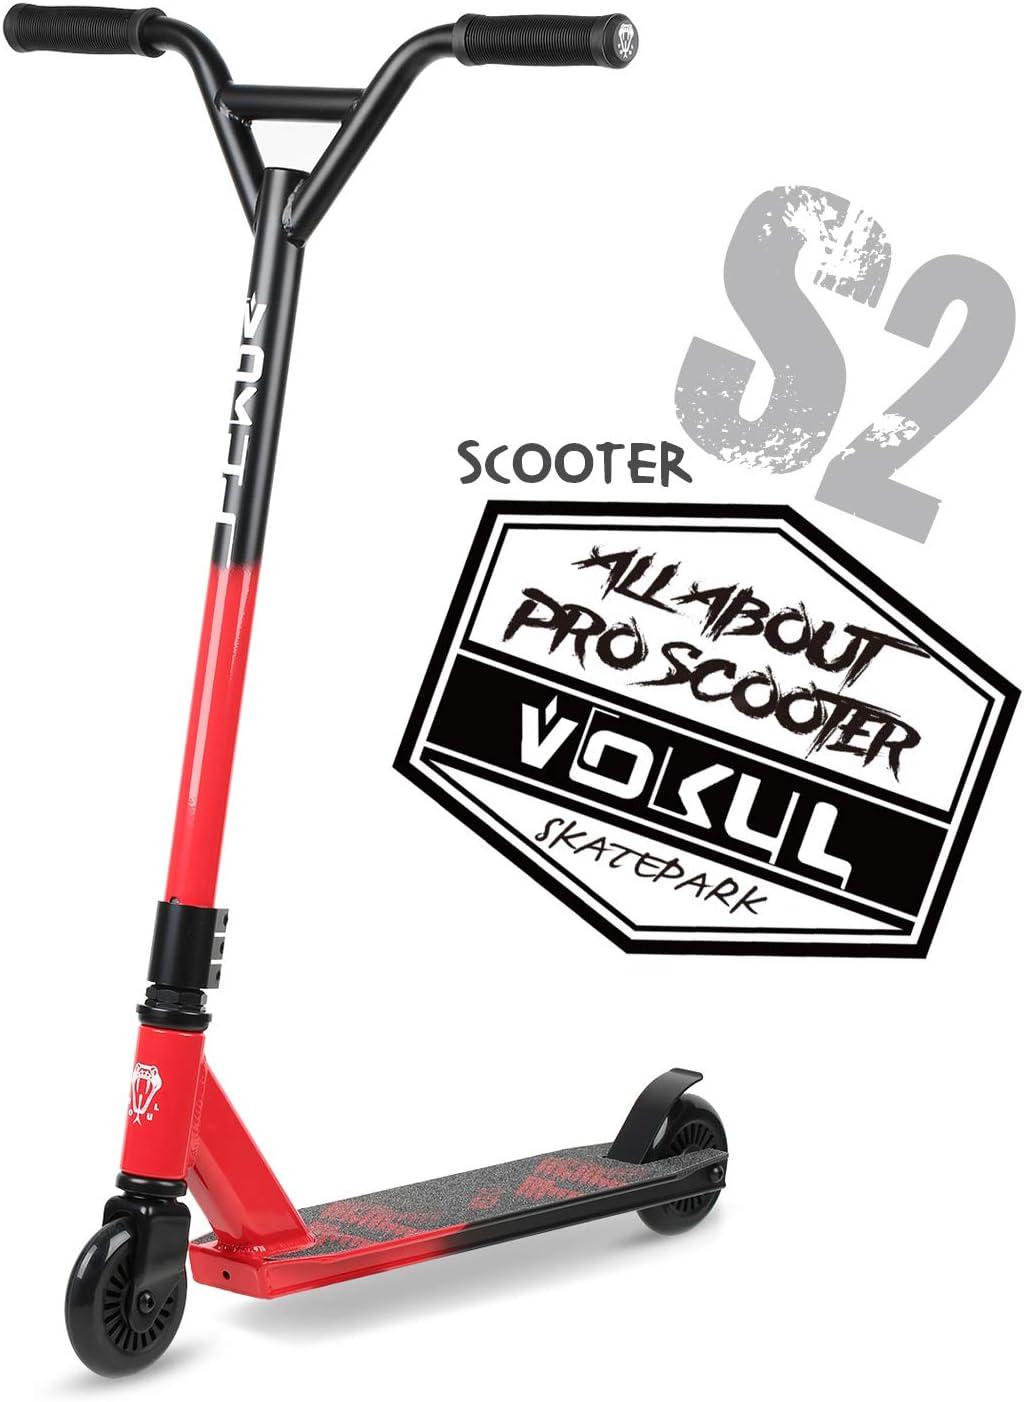 VOKUL TRII S2 Pro Stunt Scooter kaufen